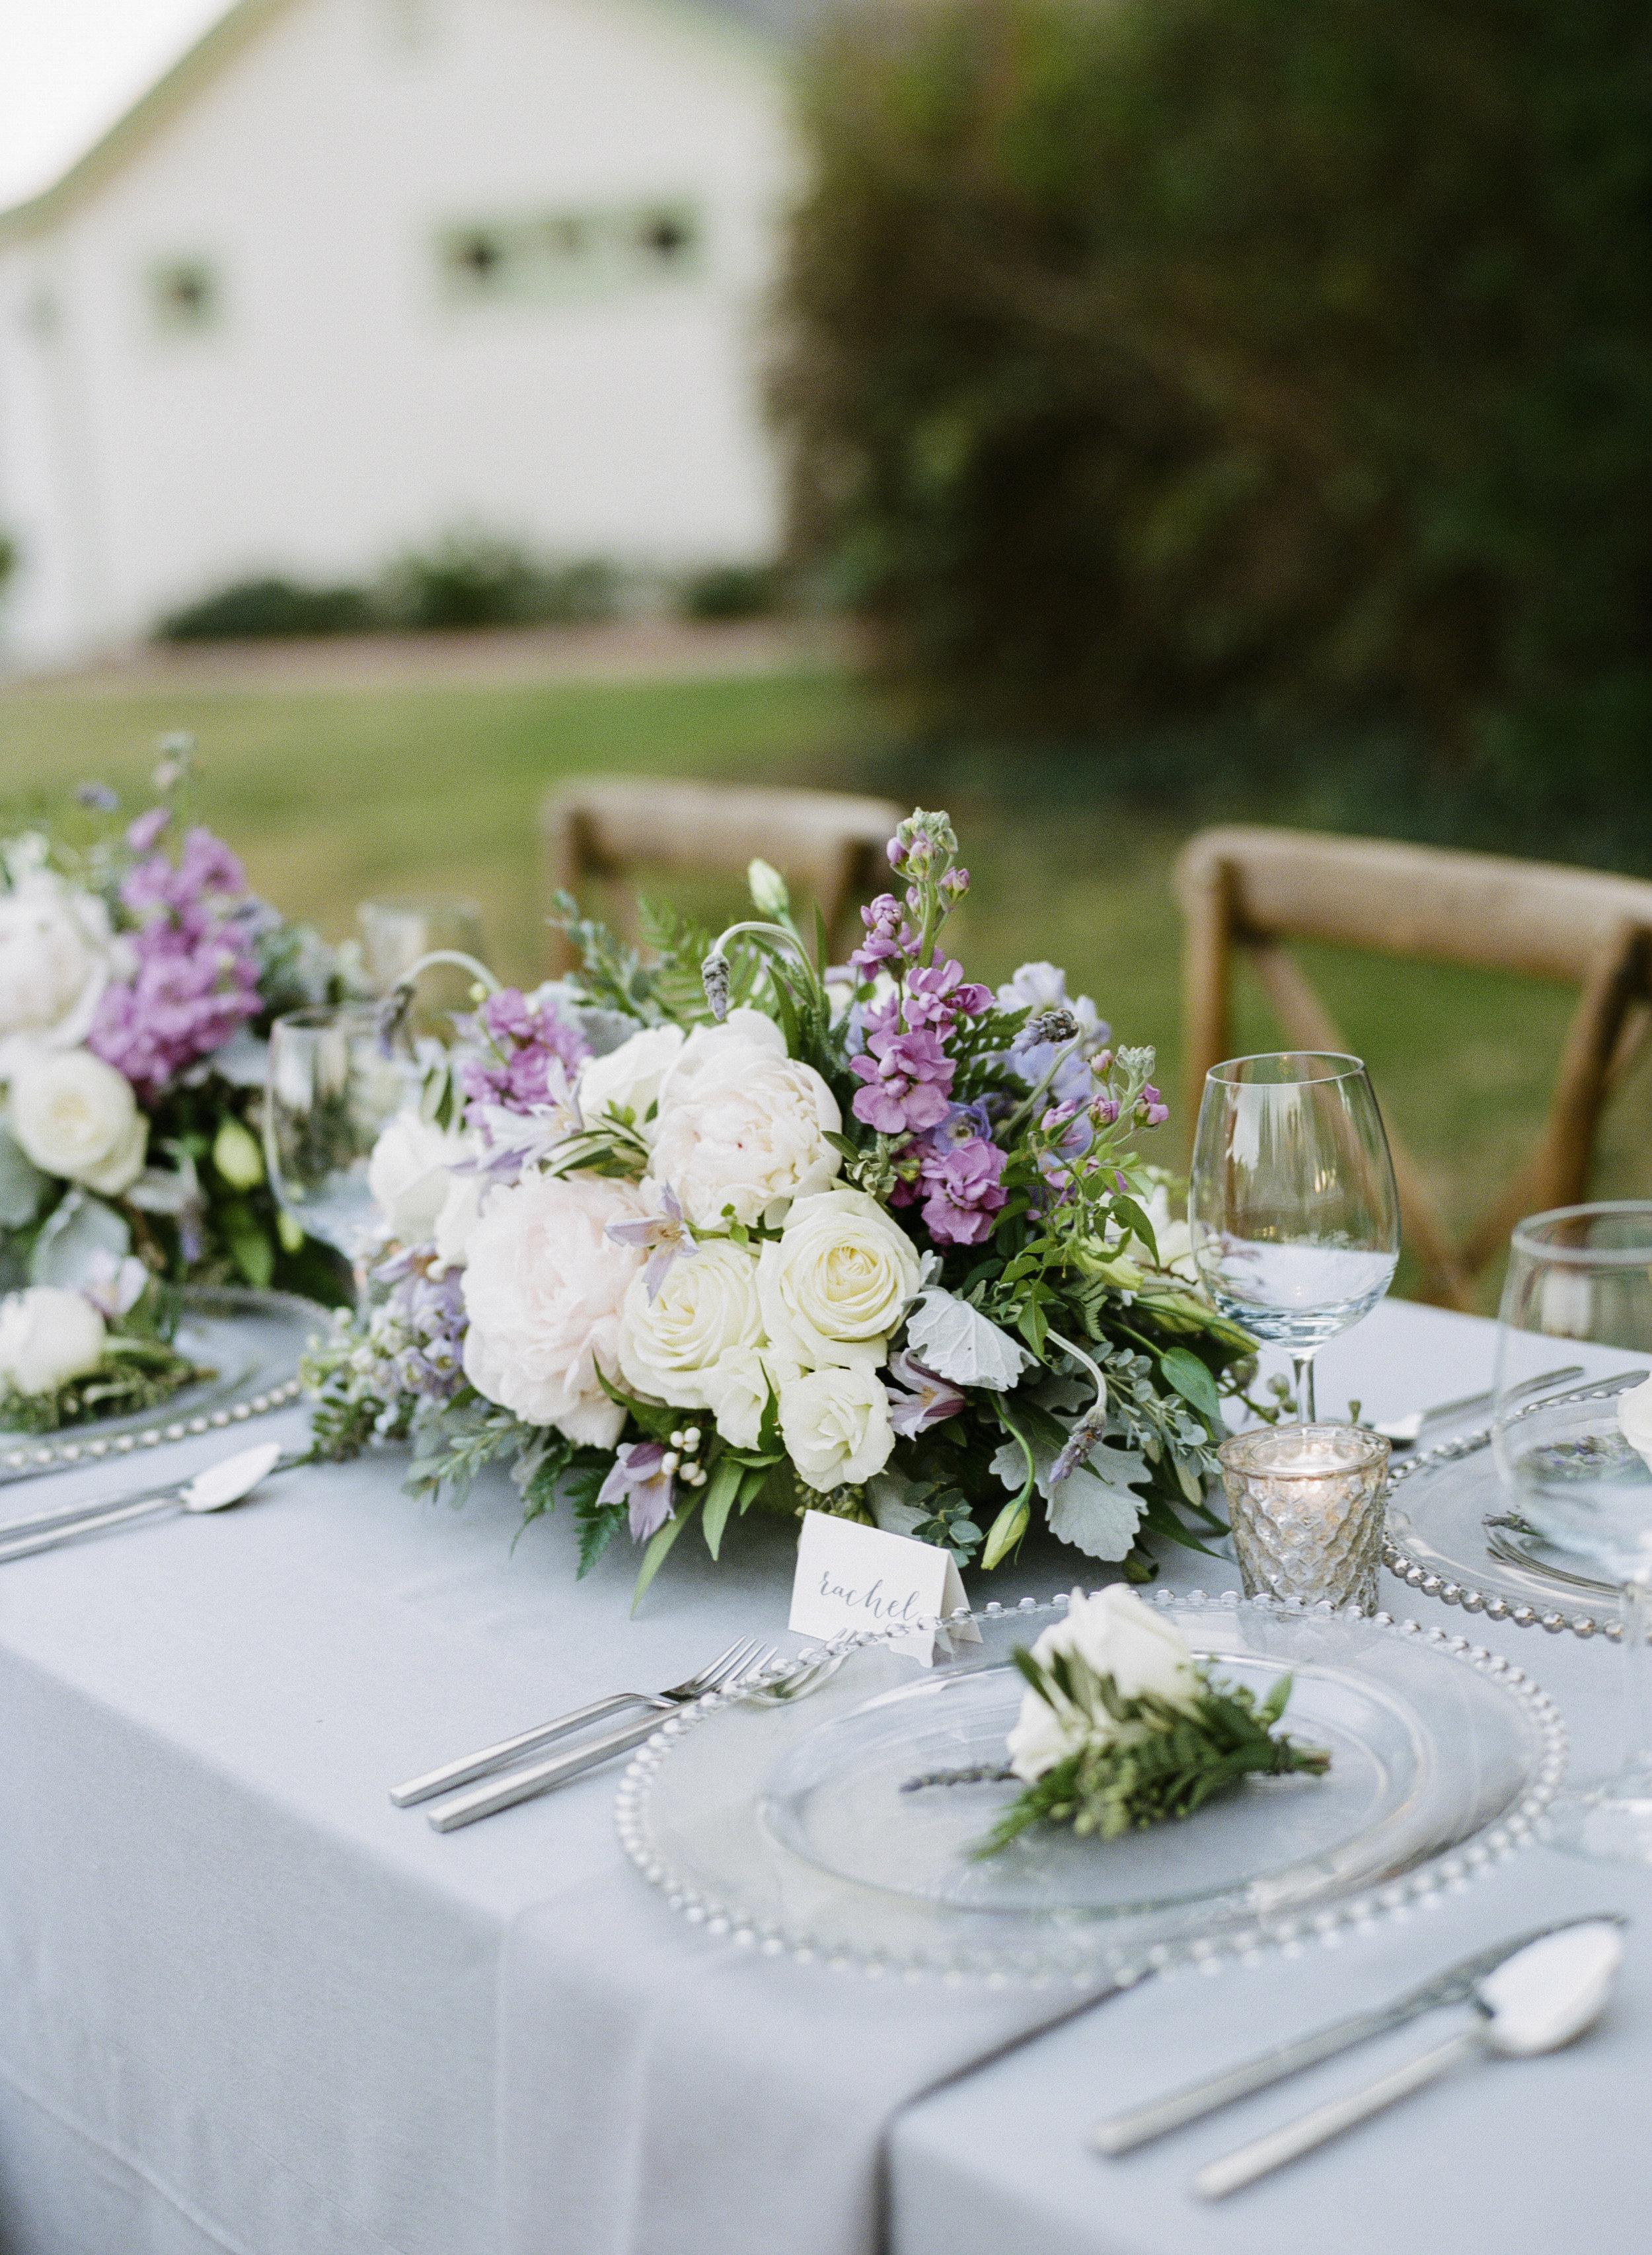 Violette-fleurs-roseville-sacramento-california-Flower-farm-inn-wedding-florist-spring-tablescape-lavenders-ivories-grays.jpg